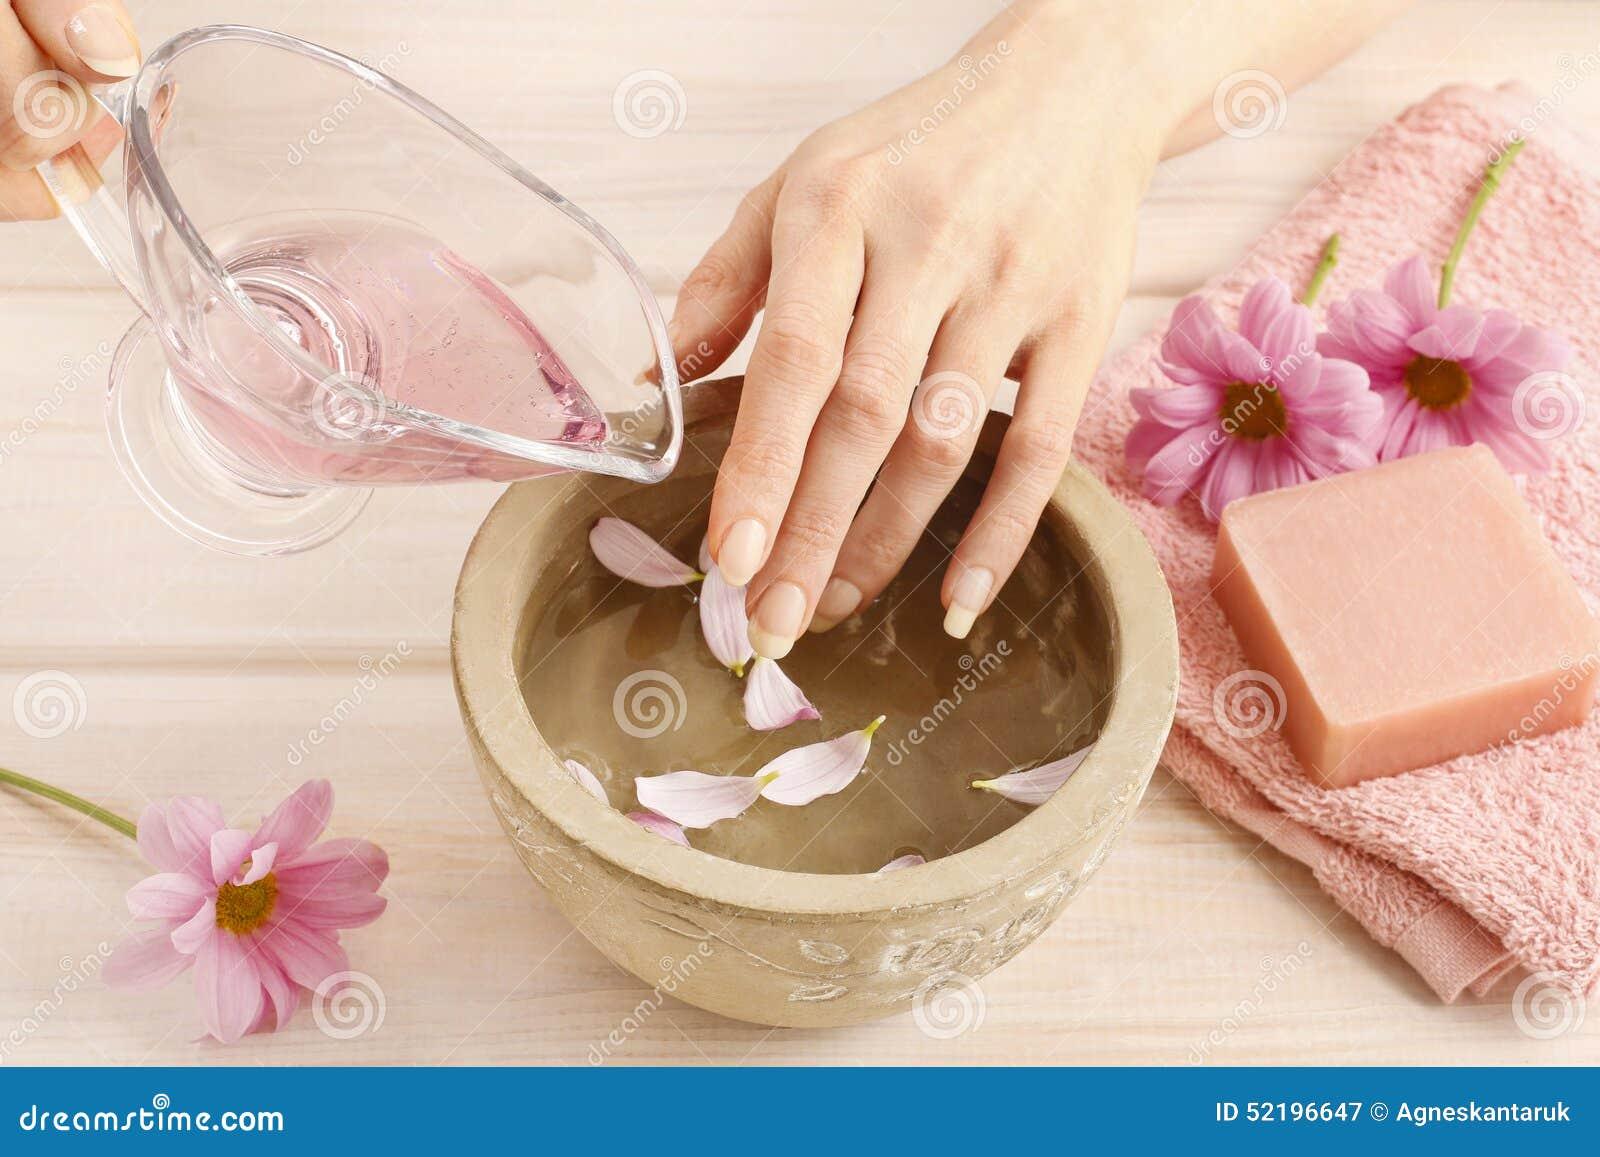 Händer över den keramiska bunken med vatten och nödvändiga oljor